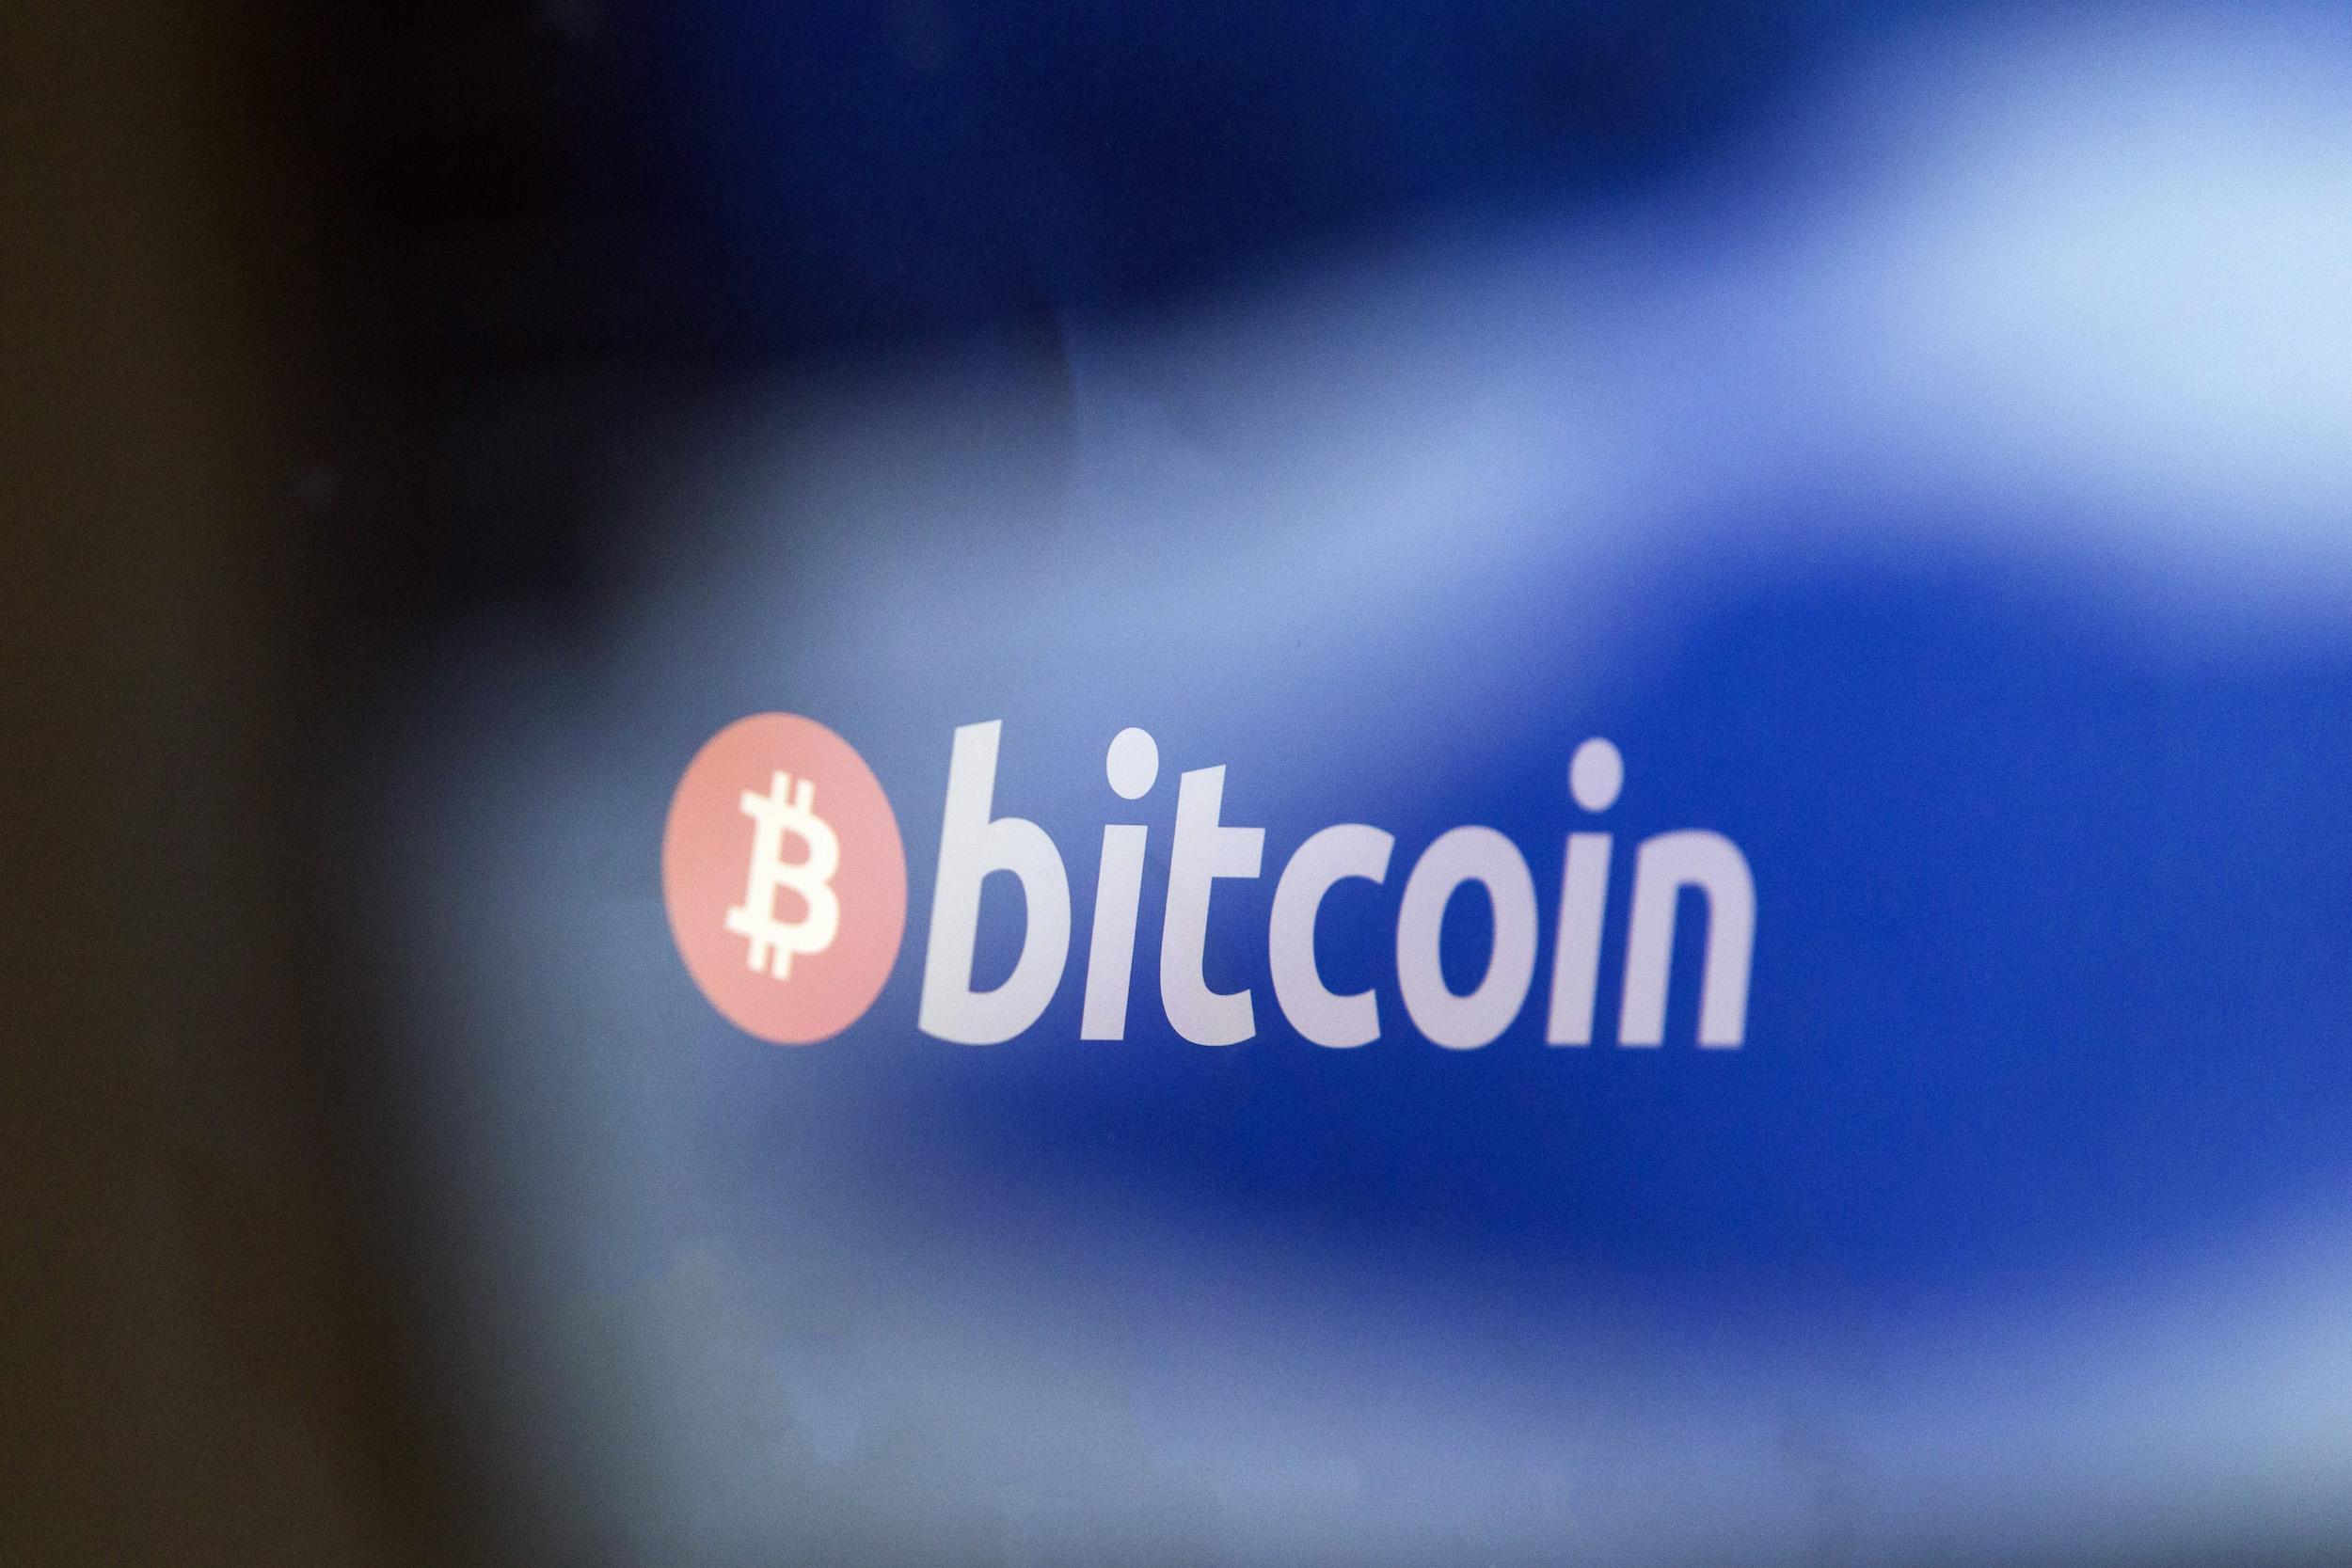 Un Norvégien a été assassiné à Oslo, après un échange de Bitcoin contre des espèces. Le jeune homme de 24 ans a été retrouvé poignardé dans son appartement, situé dans un quartier chic de la capitale, peu de temps après avoir achevé la transaction avec s